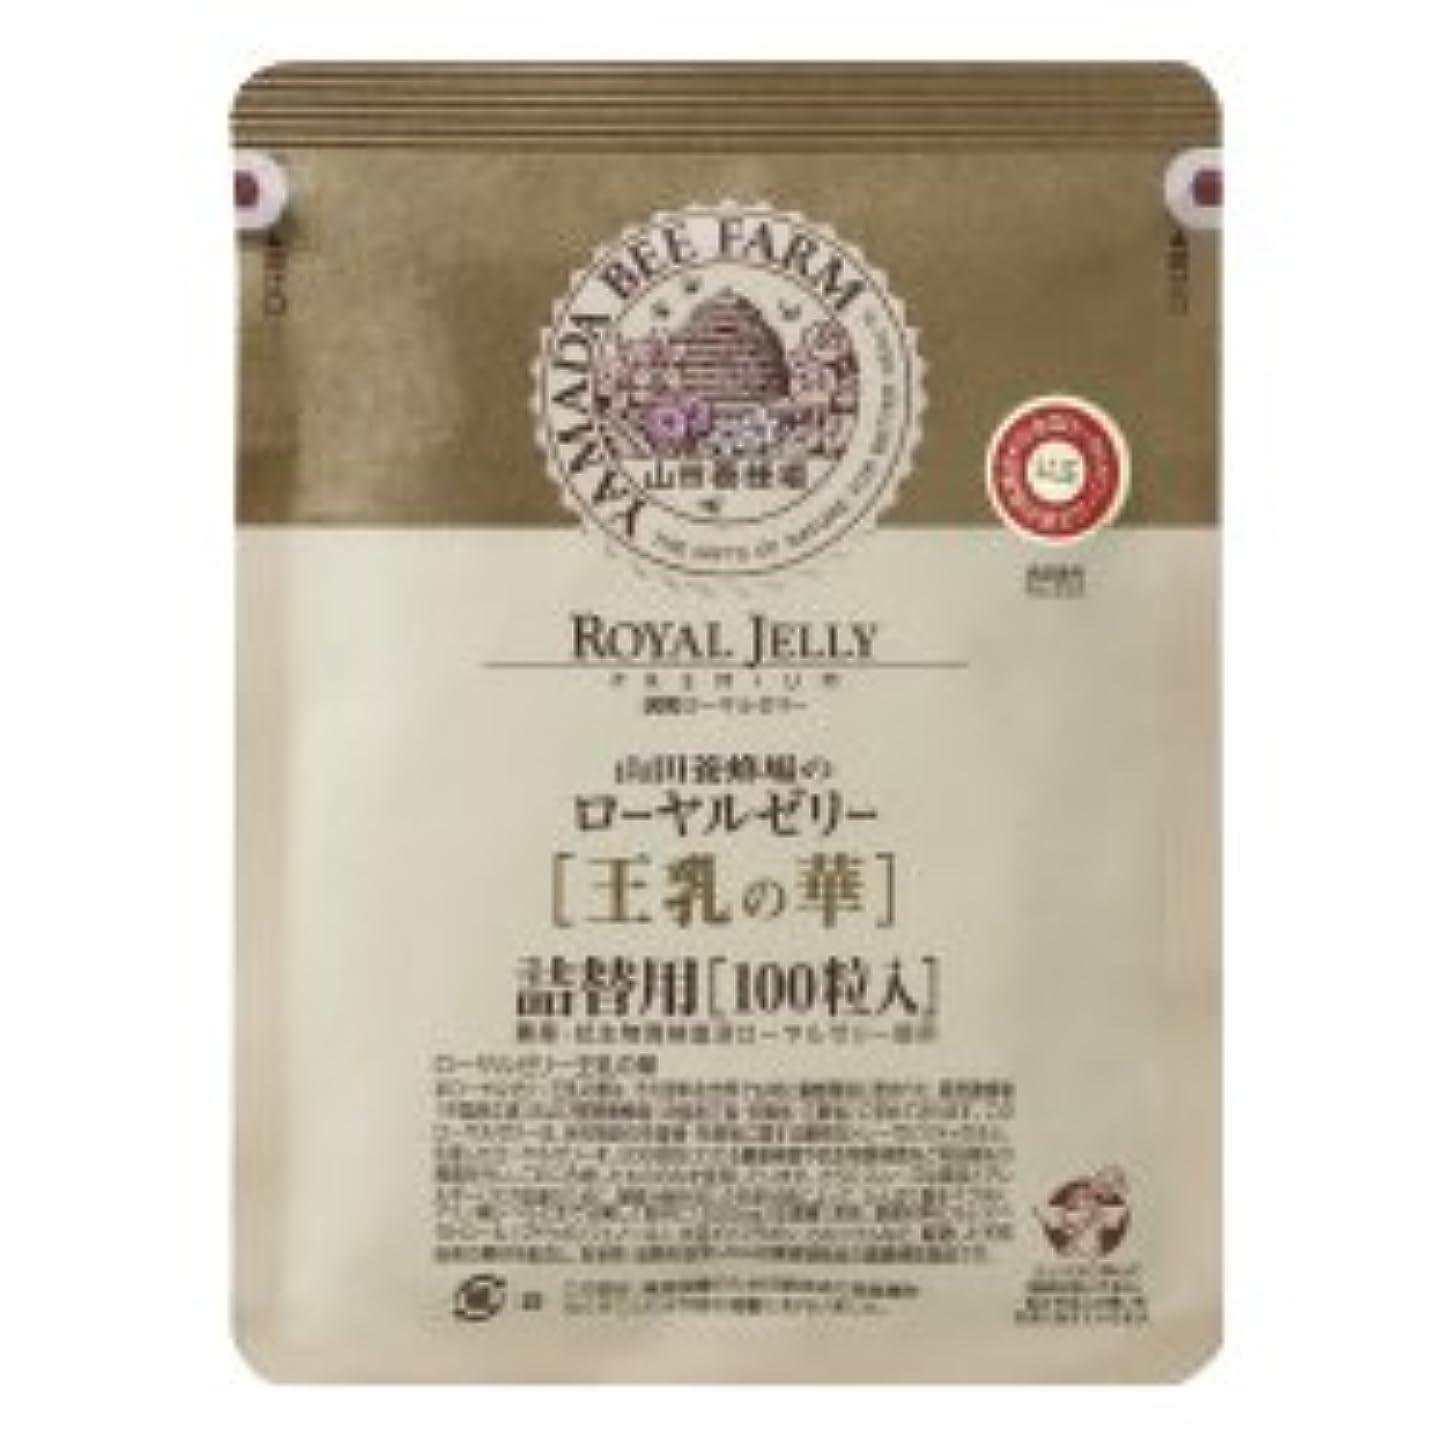 願う変化する困惑酵素分解ローヤルゼリー 王乳の華 袋入 (100粒)